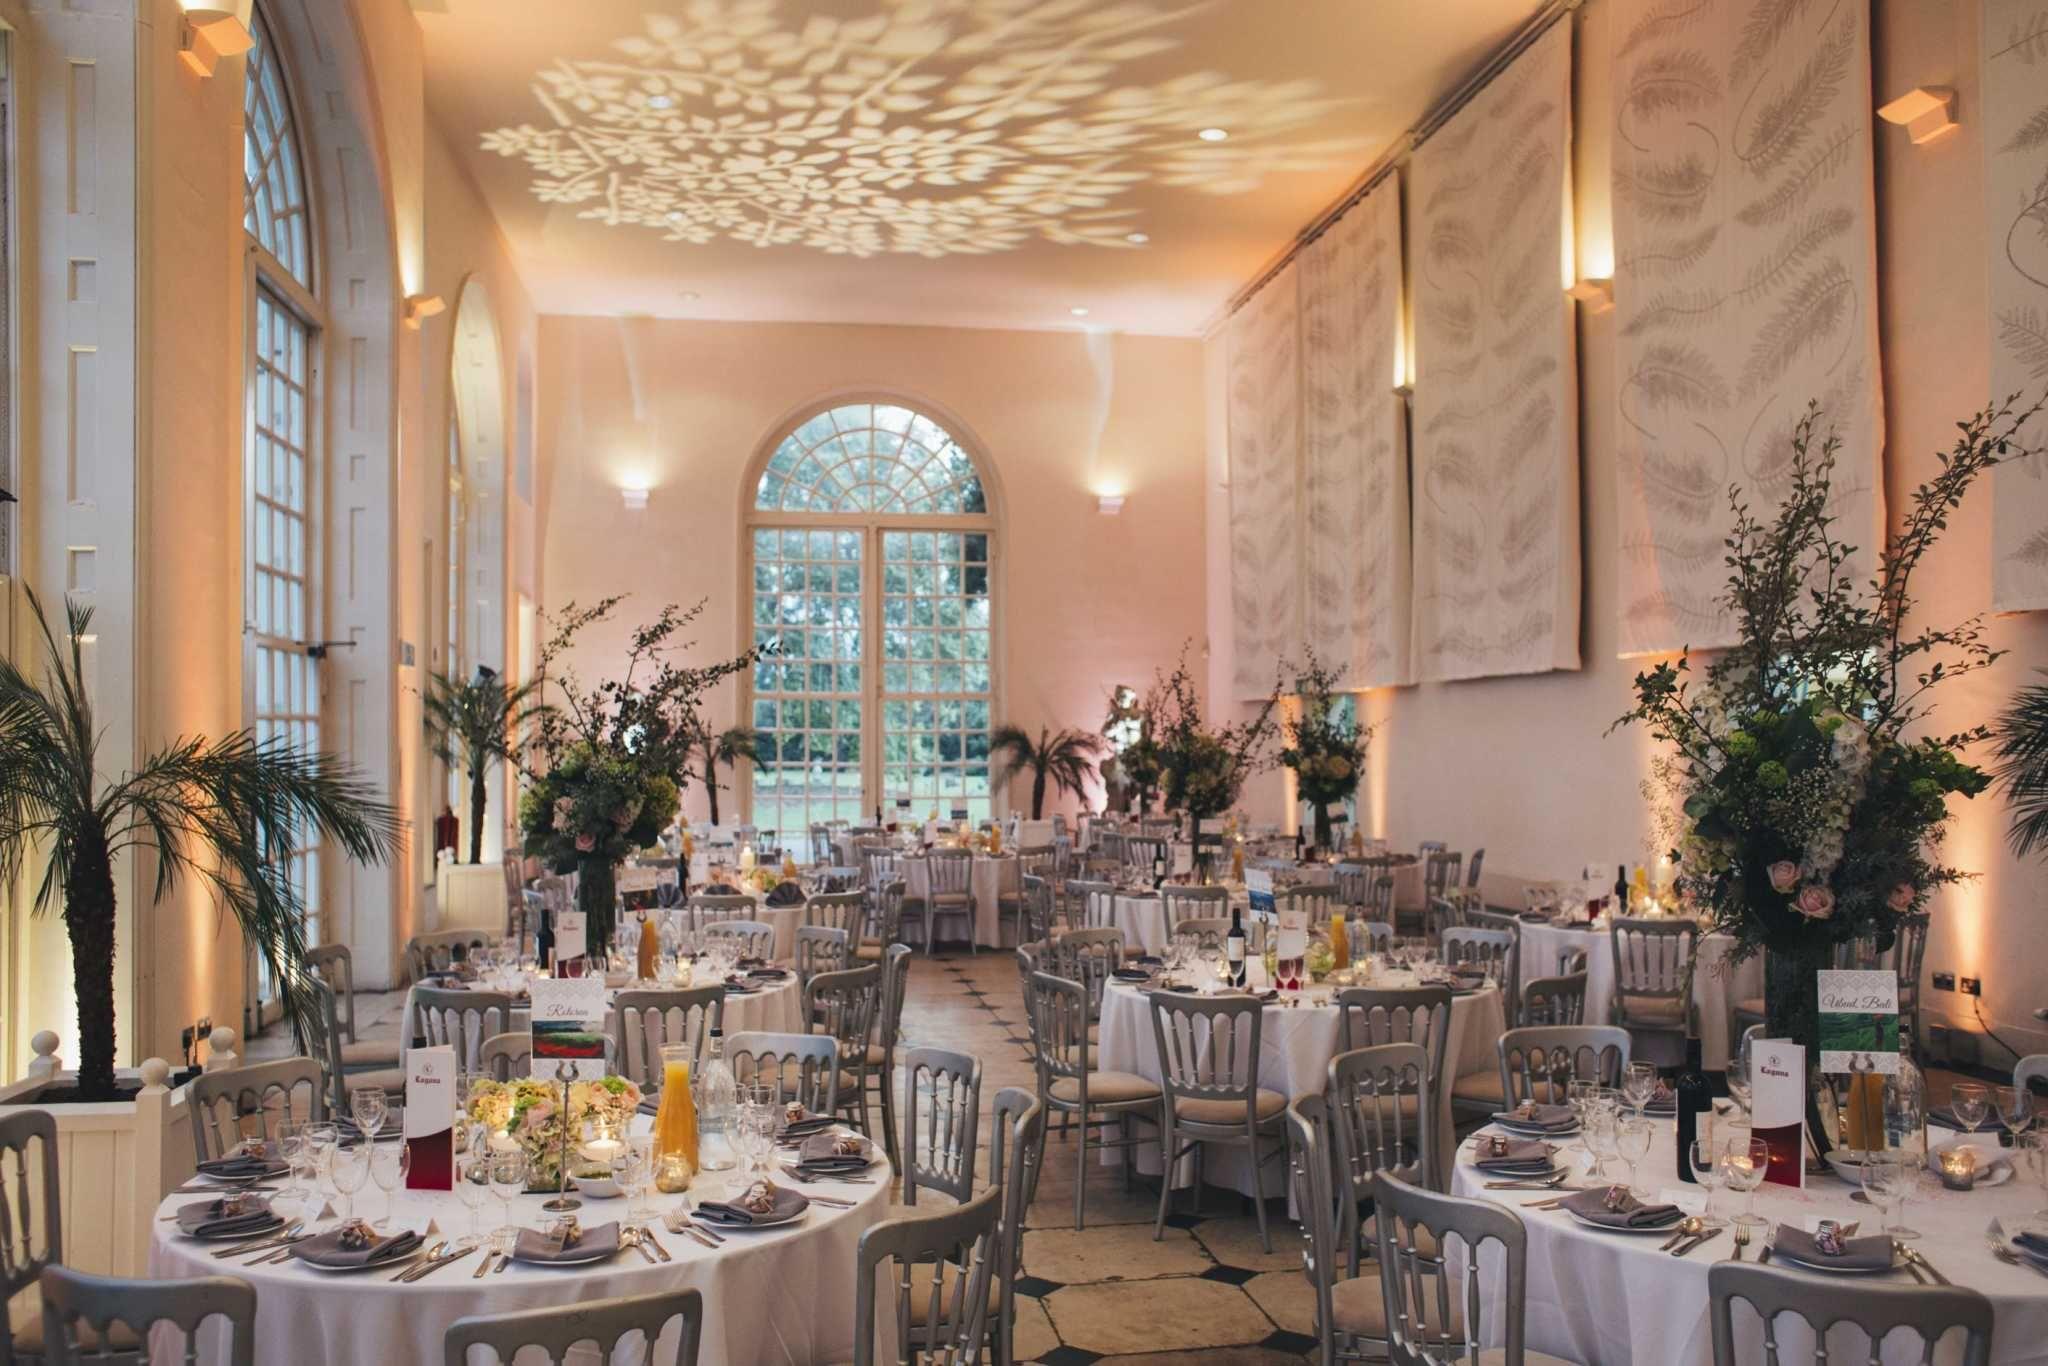 The Orangery At Kew Gardens Venues Weddings